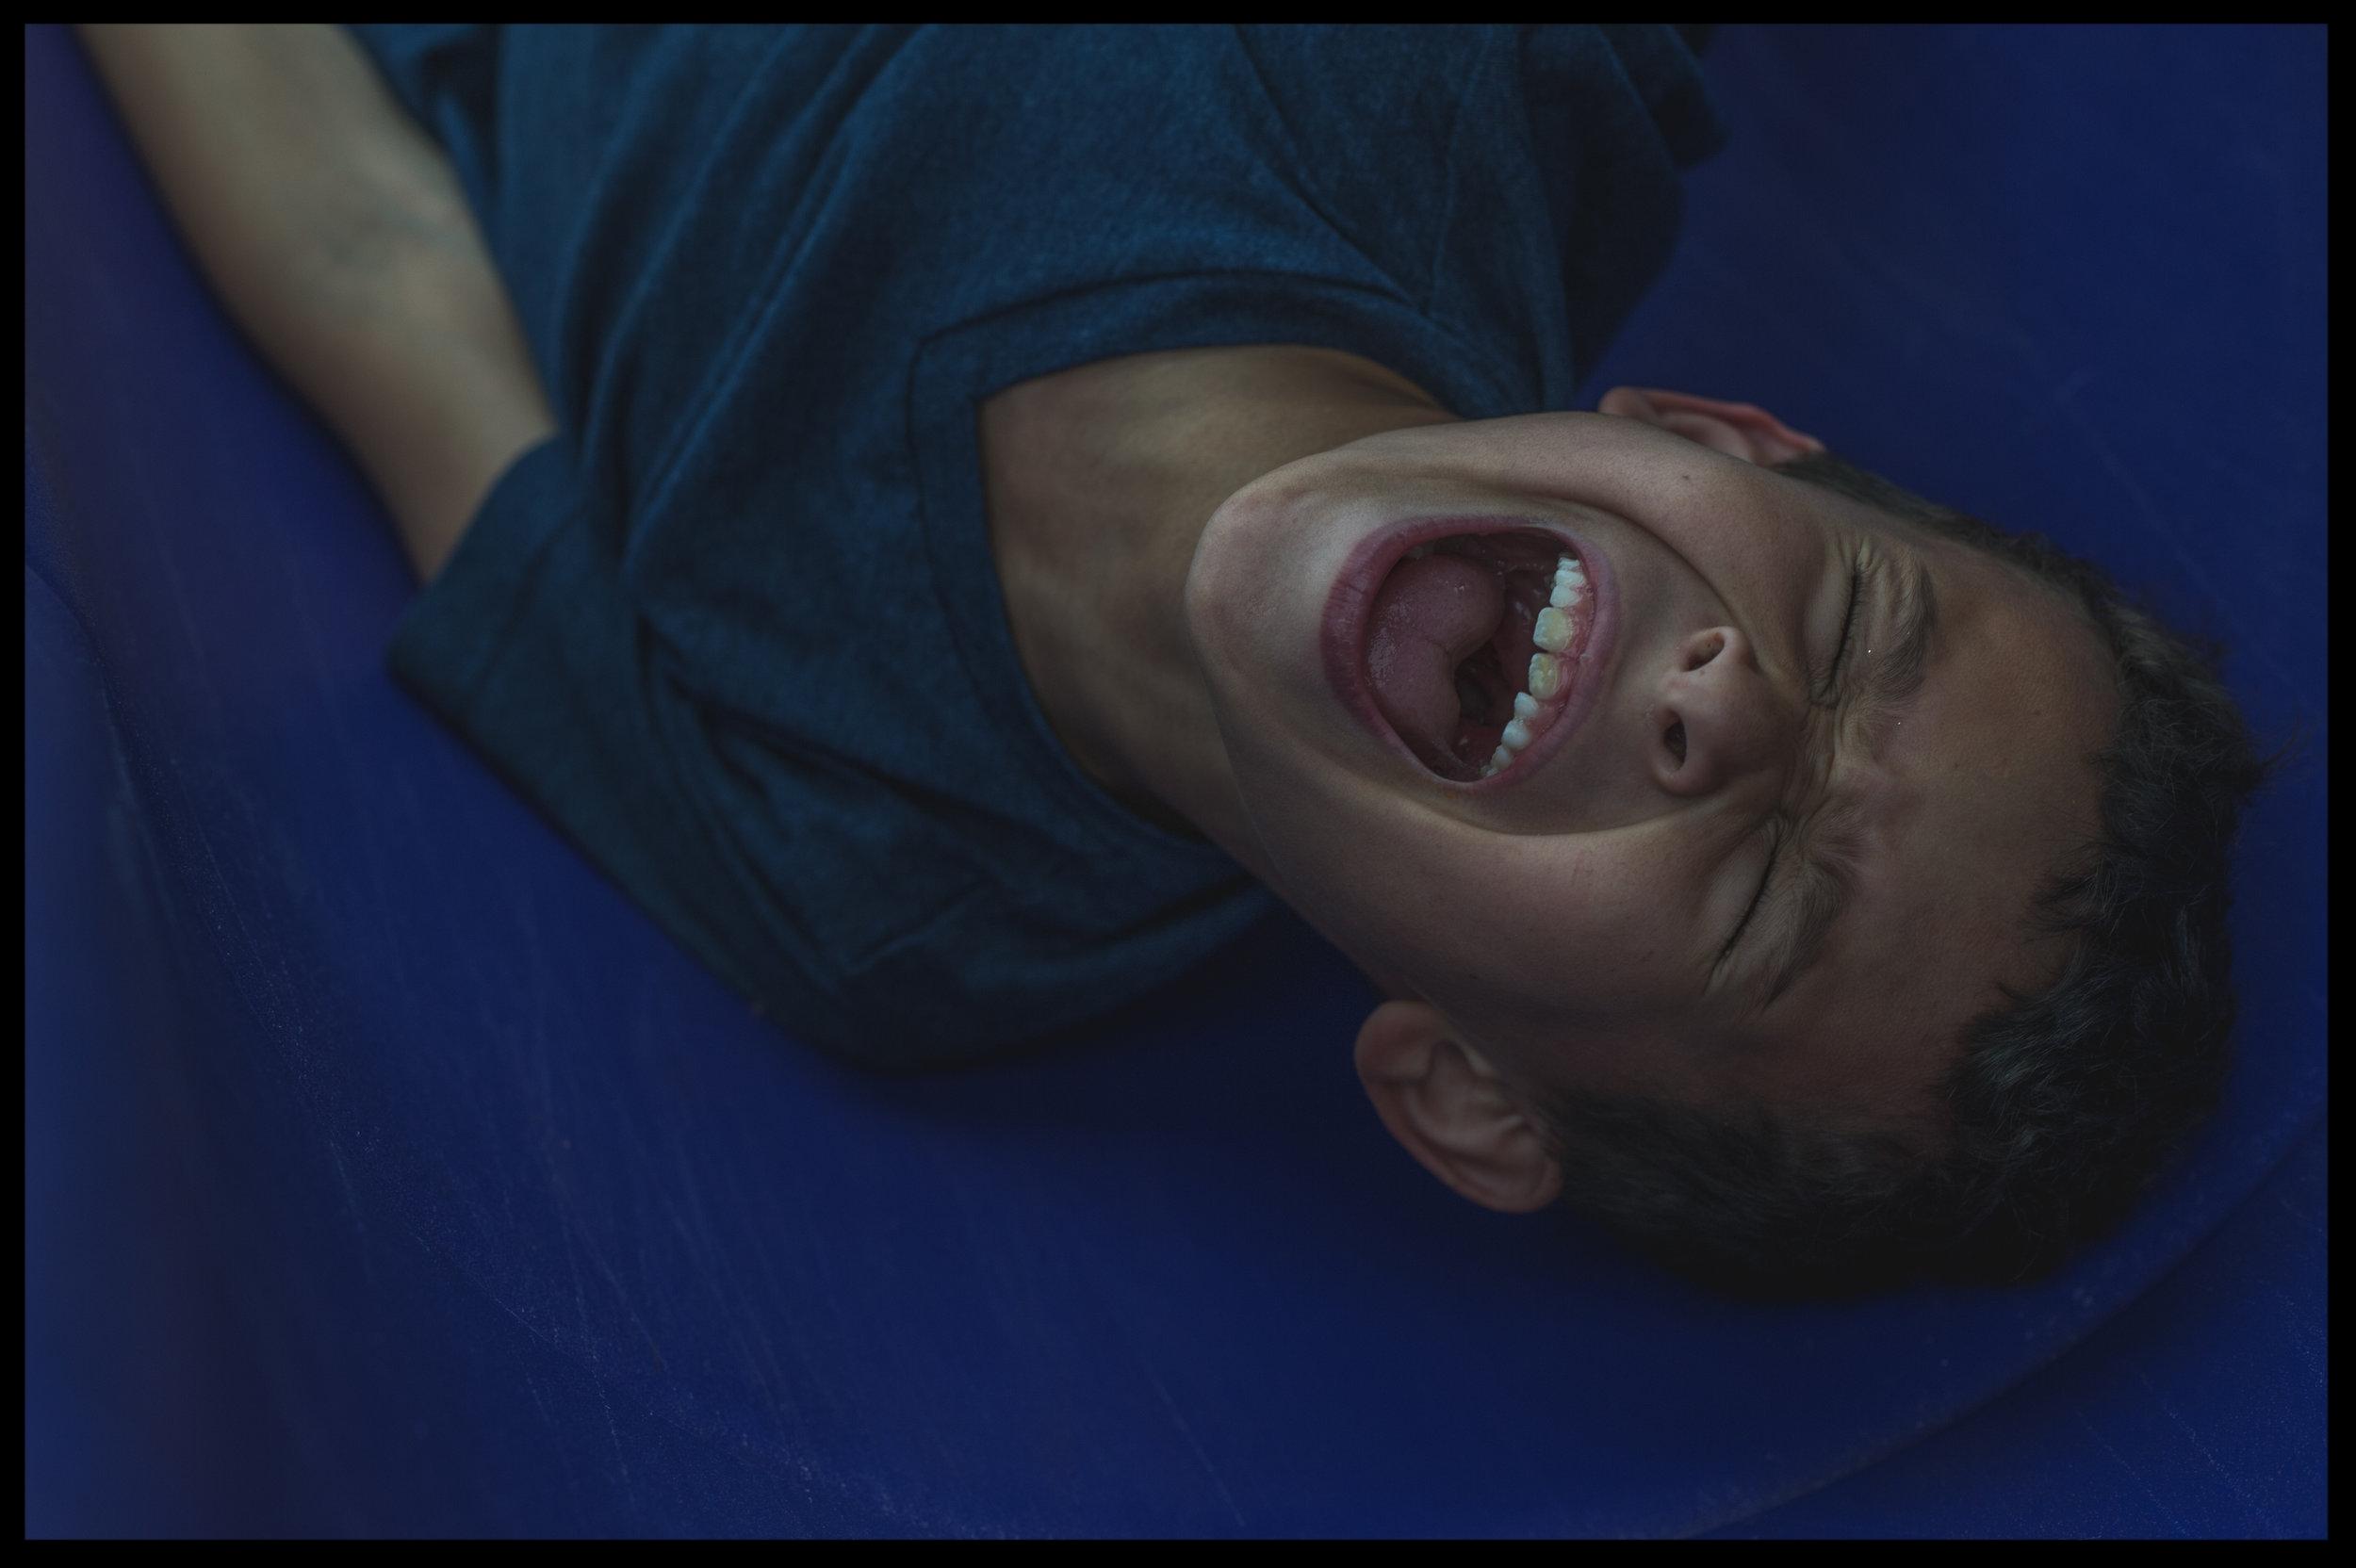 Little boy on a blue slide screaming, color